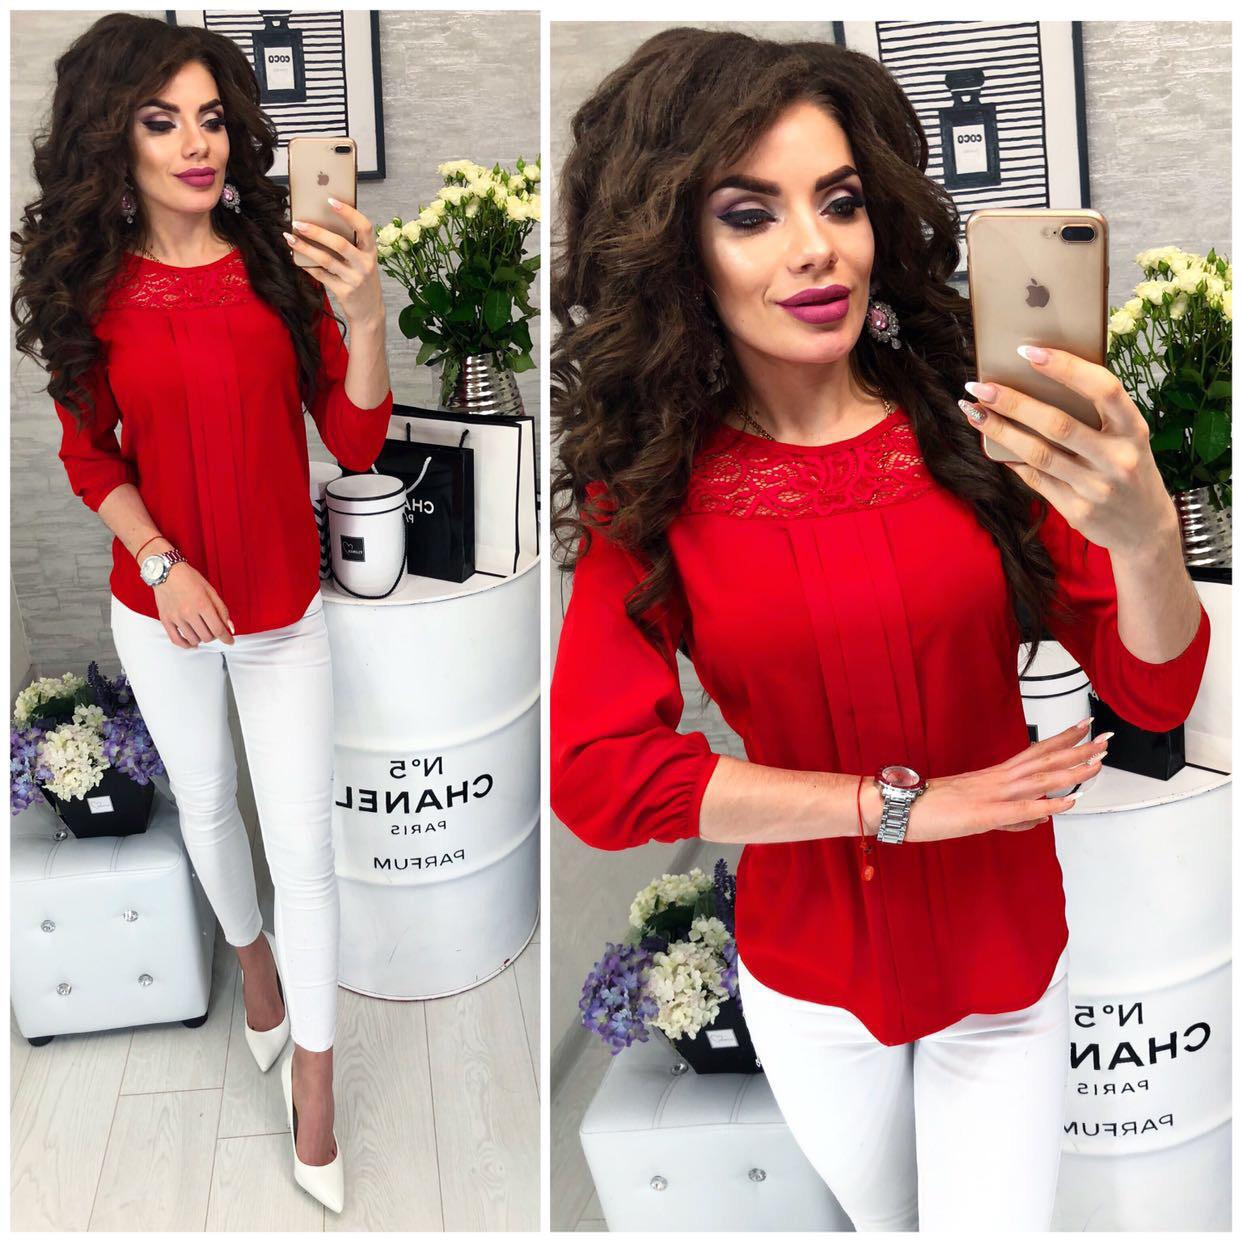 Блузка / блуза жіноча, модель 793 колір червоний / червоний